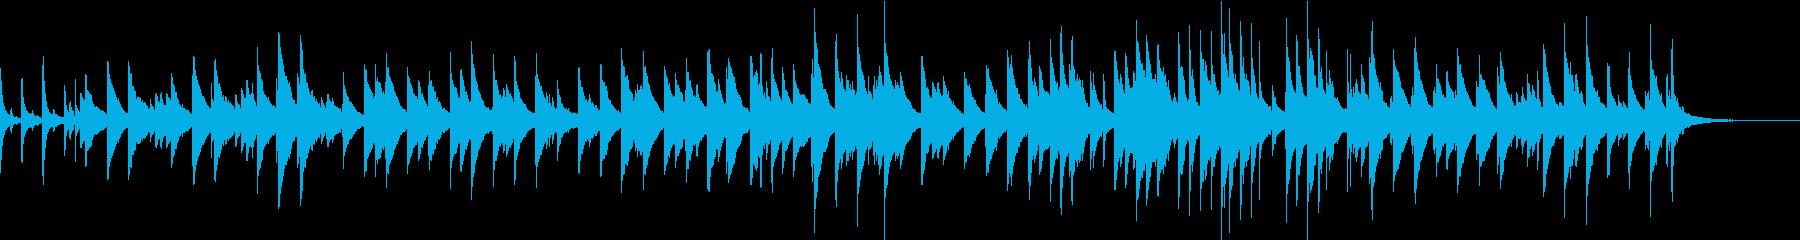 失恋 別れから前を向くピアノBGMの再生済みの波形